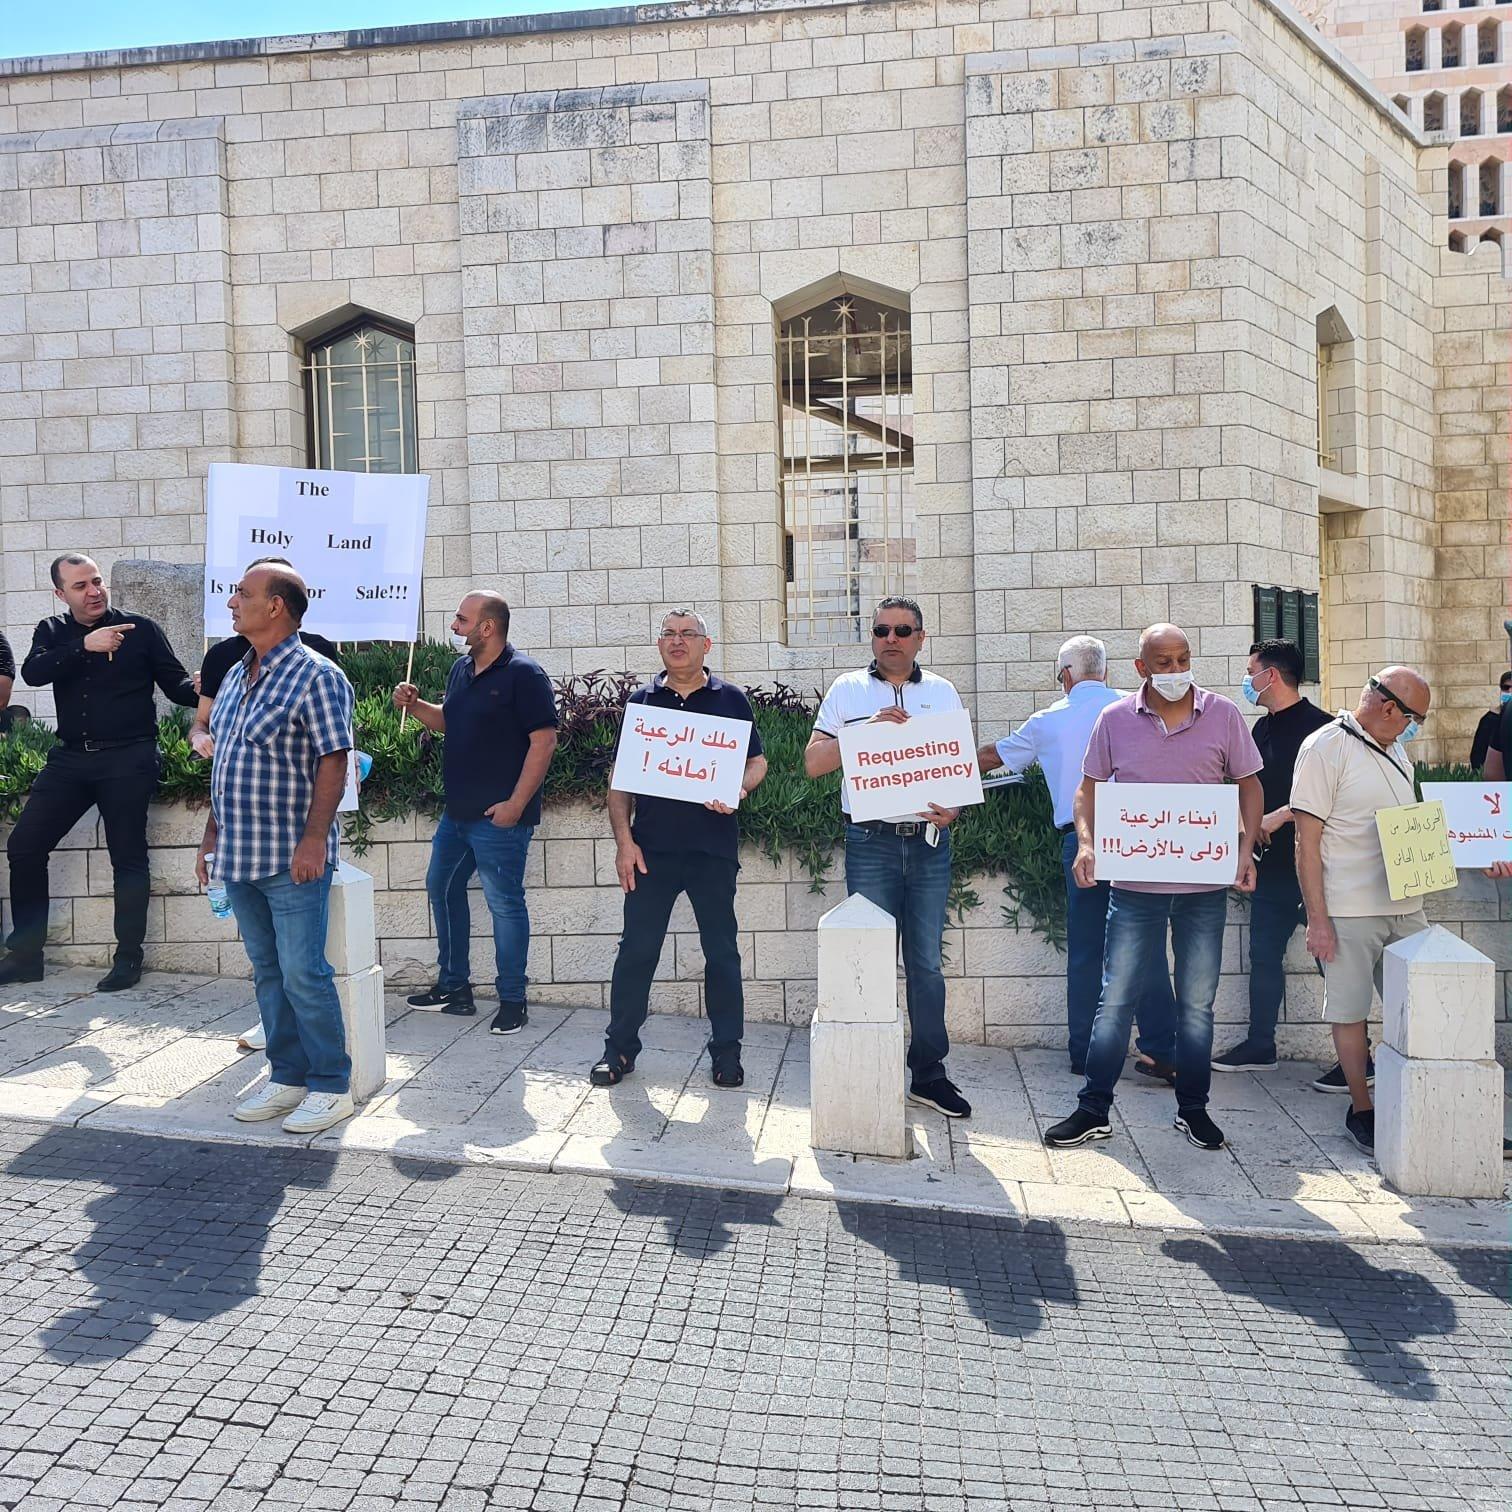 الناصرة: أبناء رعية اللاتين يتظاهرون ضد صفقات بيع الأراضي